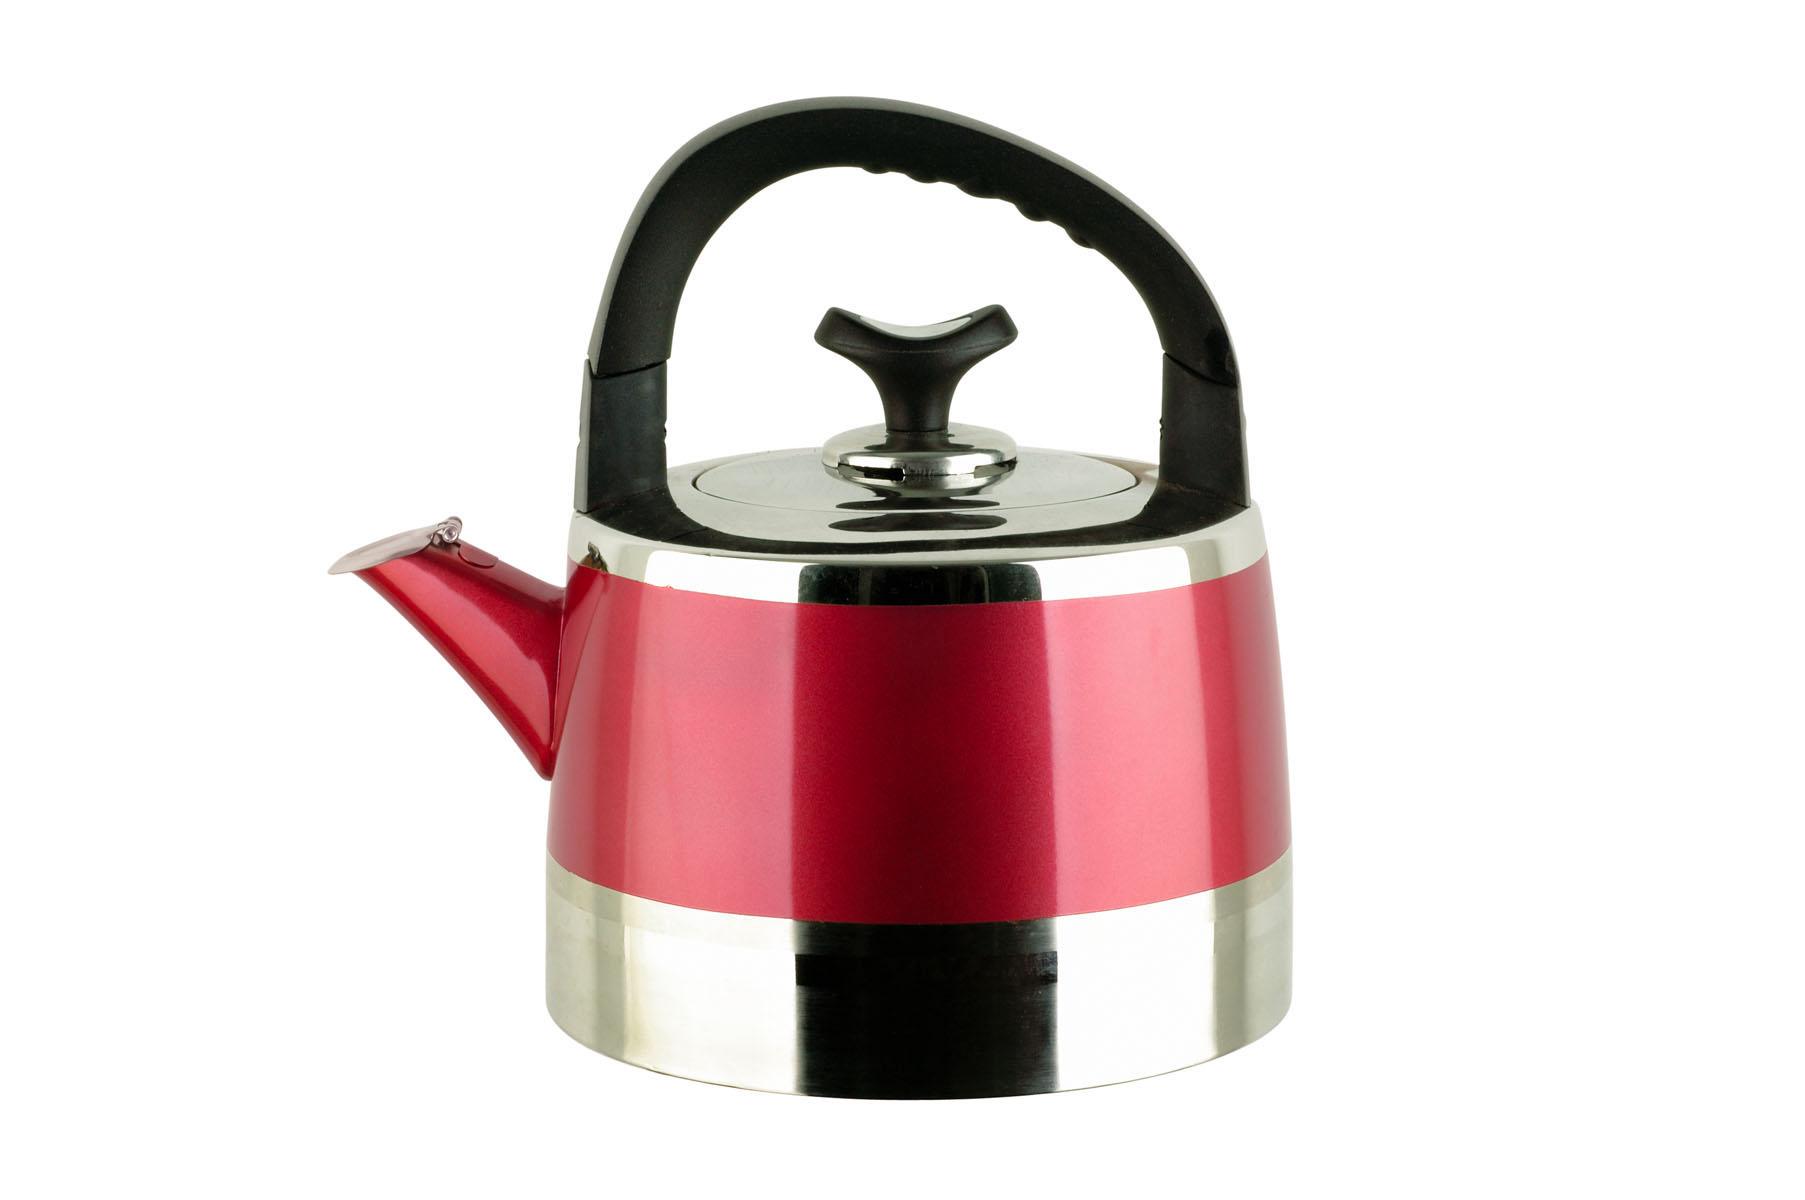 Чайник Bekker Koch со свистком, цвет: красный, 3 л. BK-S447BK-S447Чайник Bekker Koch изготовлен из высококачественной нержавеющей стали 18/10 с зеркальной полировкой и красной полосой по центру. Цельнометаллическое дно распределяет тепло по всей поверхности, что позволяет чайнику быстро закипать. Эргономичная подвижная ручка выполнена из бакелита черного цвета. Носик оснащен откидным свистком, который подскажет, когда вода закипела. Широкое отверстие по верхнему краю позволяет удобно наливать воду. Оригинальный дизайн эффектно дополнит интерьер кухни. Подходит для всех типов плит, включая индукционные. Можно мыть в посудомоечной машине.